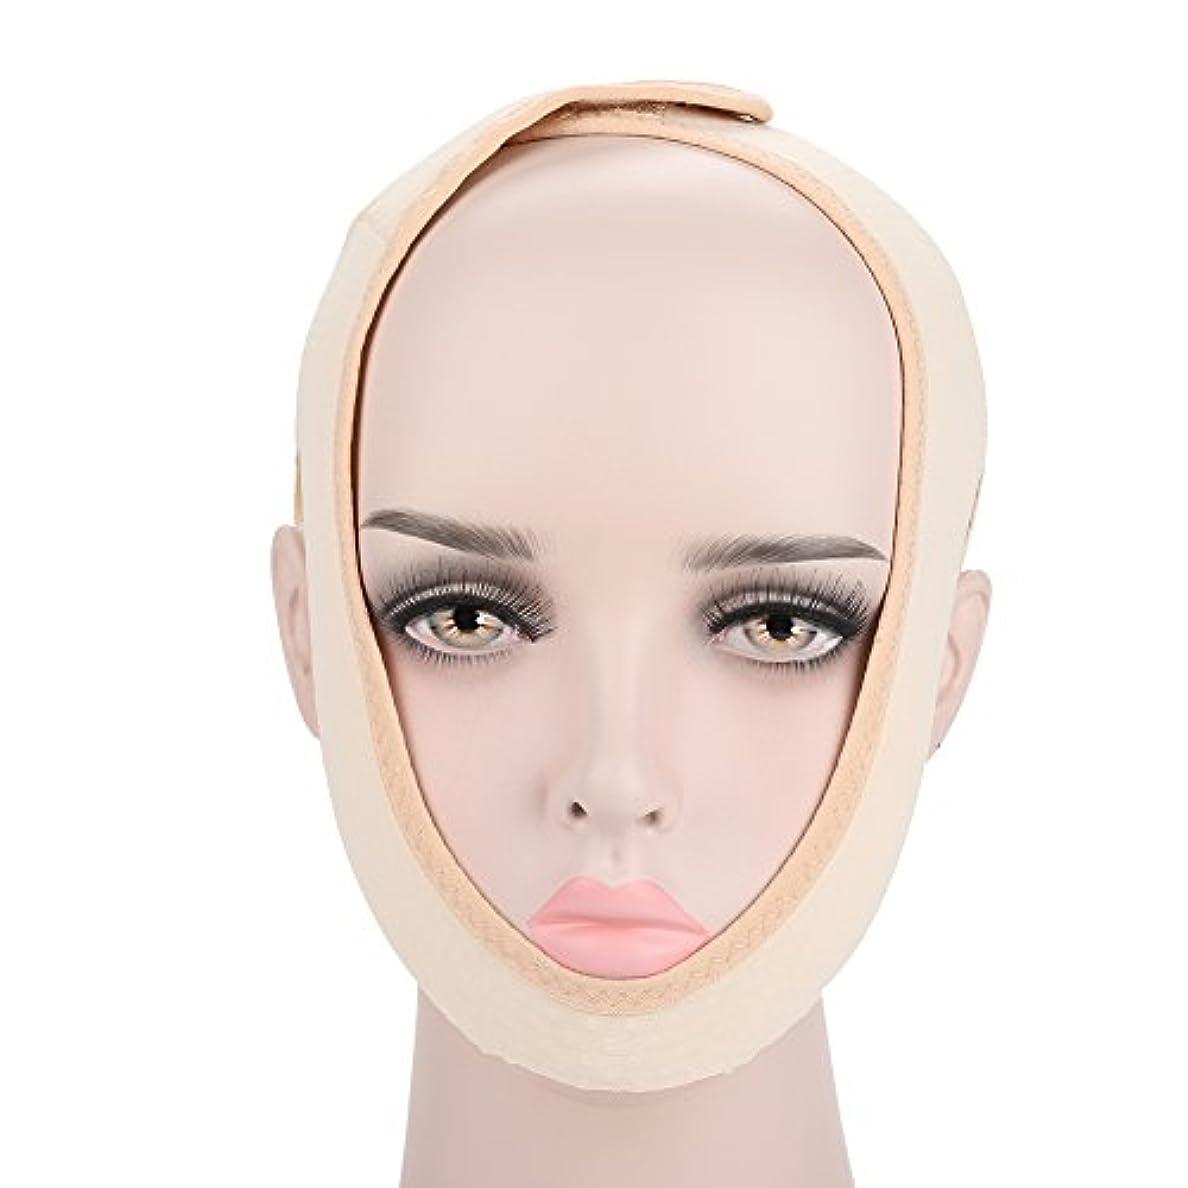 松どうしたのランデブー顔の輪郭を改善するための顔の痩身マスク、通気性と伸縮性、二重あごを和らげ、顔の手術とリハビリ